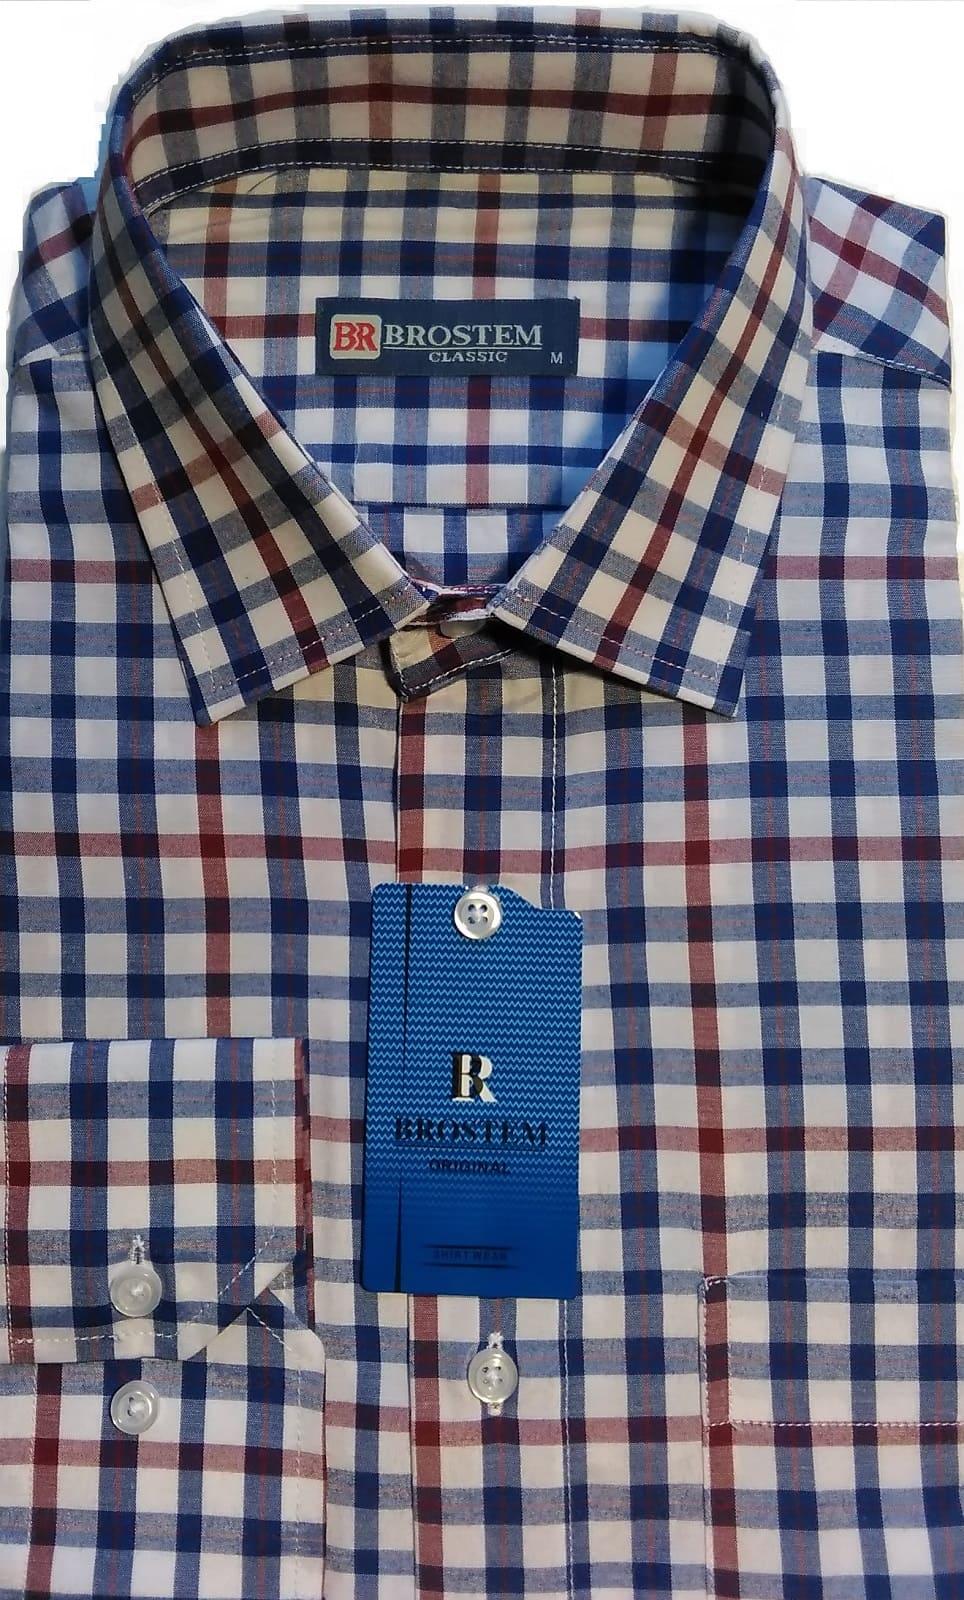 Недорогая мужская рубашка Brostem 9LBR50-4